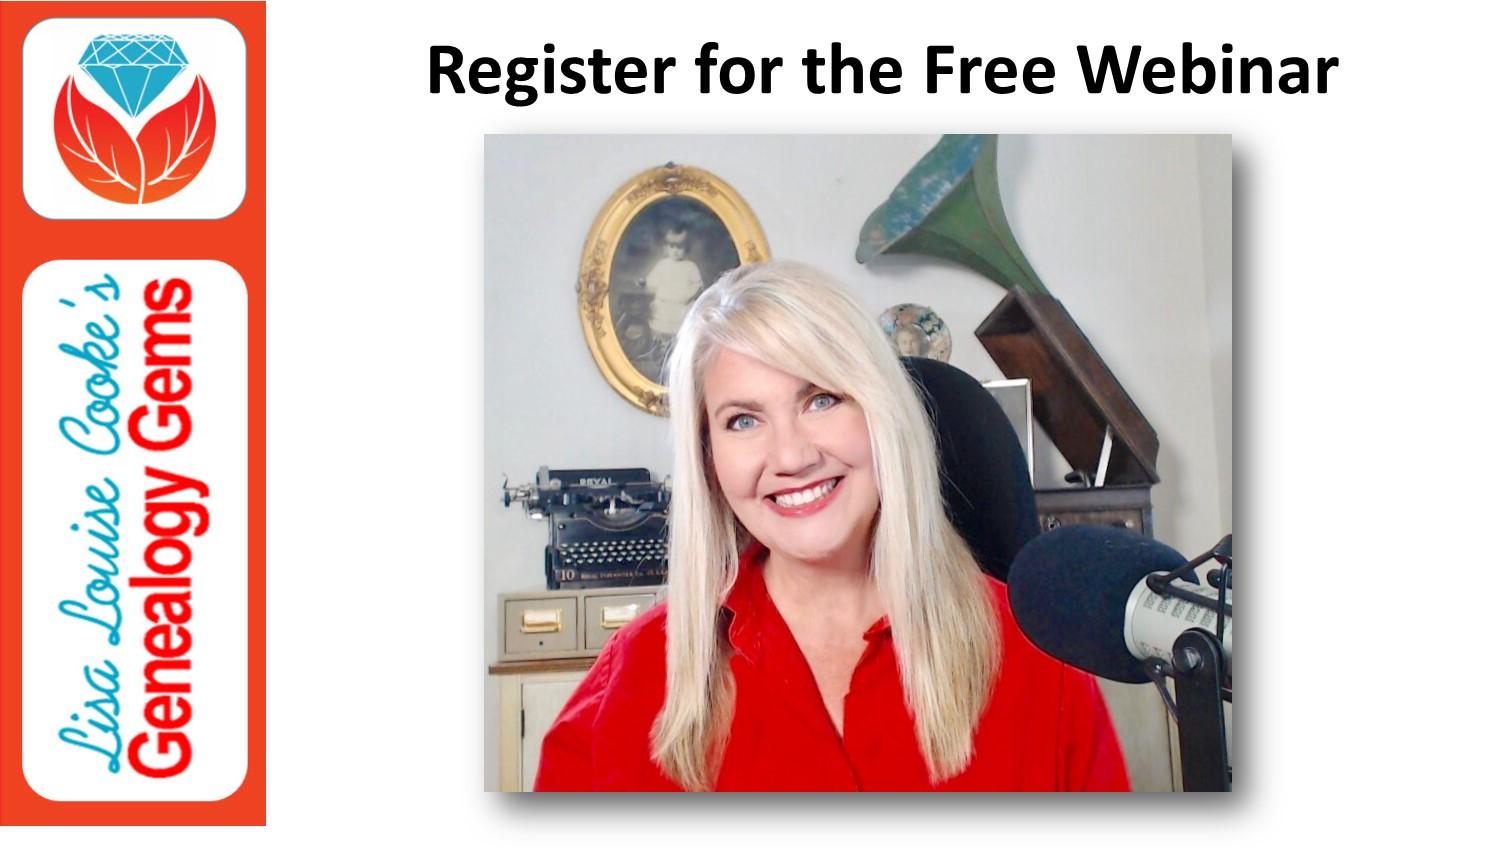 register for the free webinar